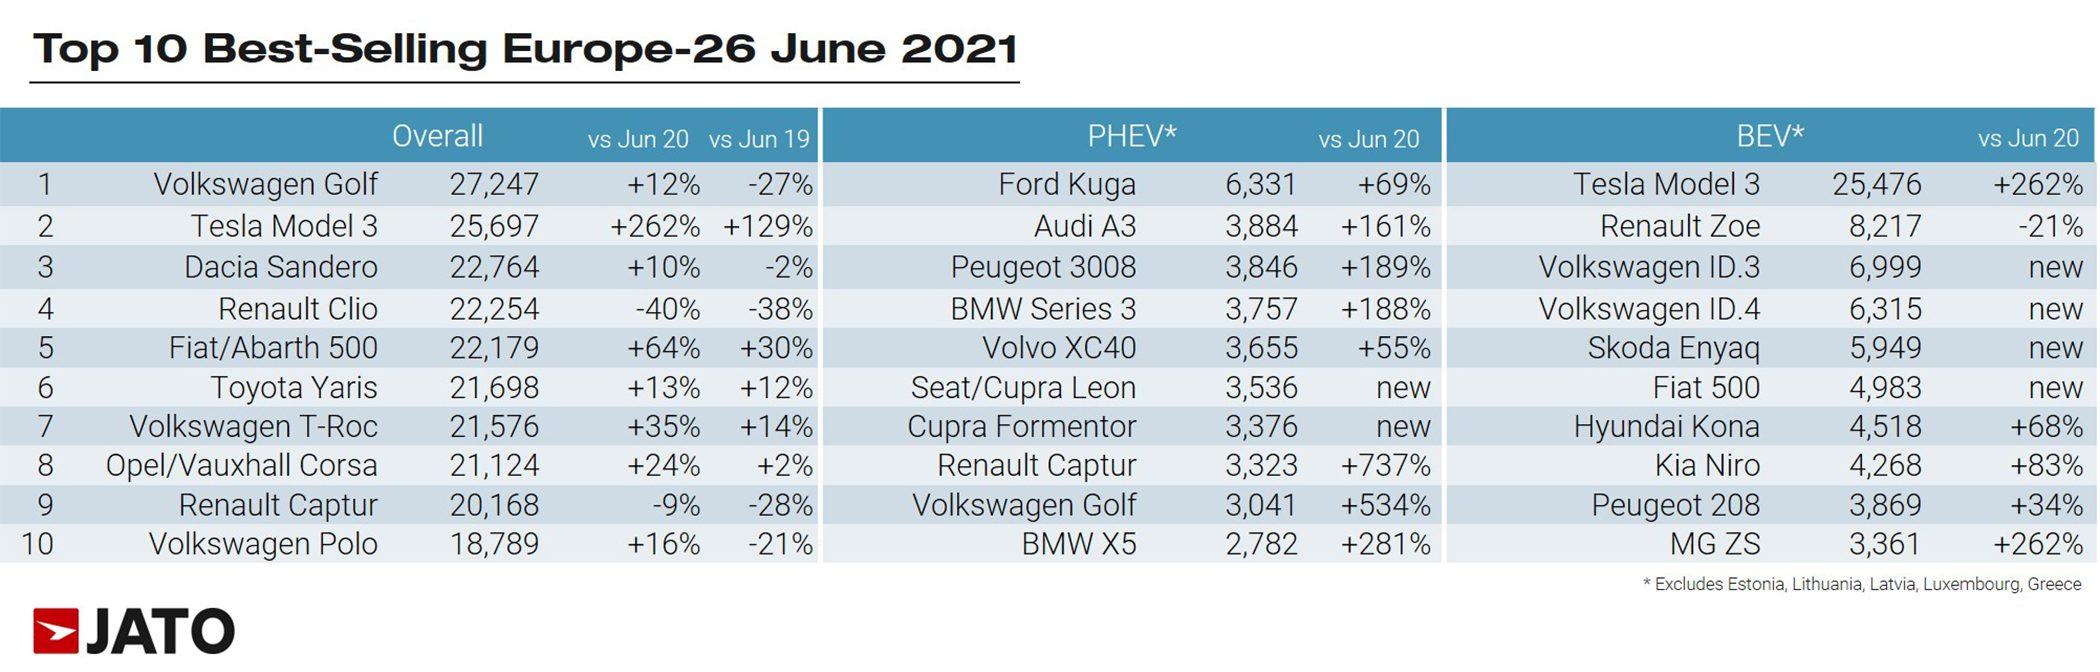 Najprodavaniji automobili, Top 10